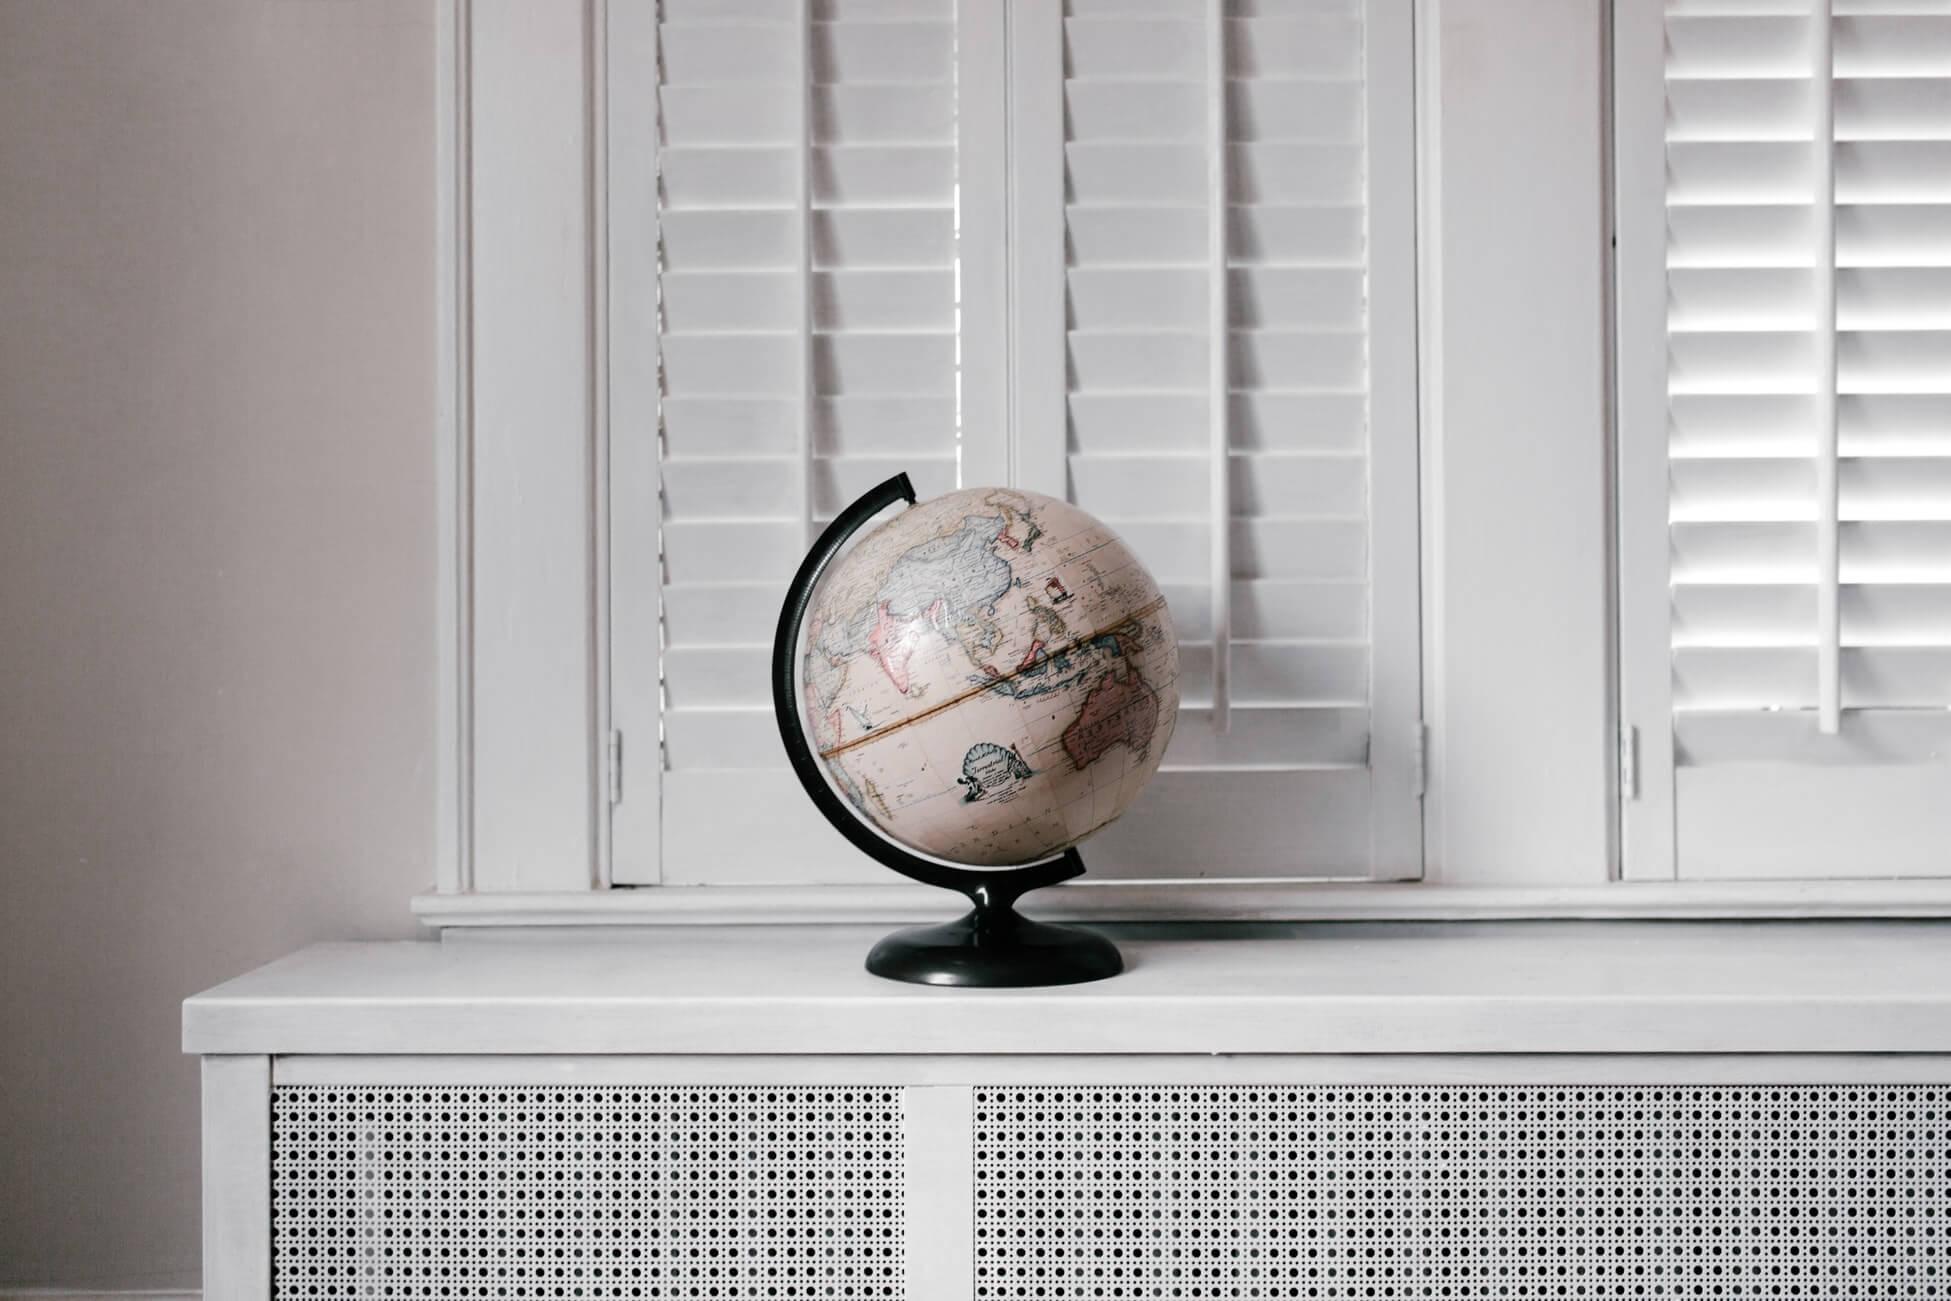 Коронавирус в мире: информация по карантину и границам (обновляется)